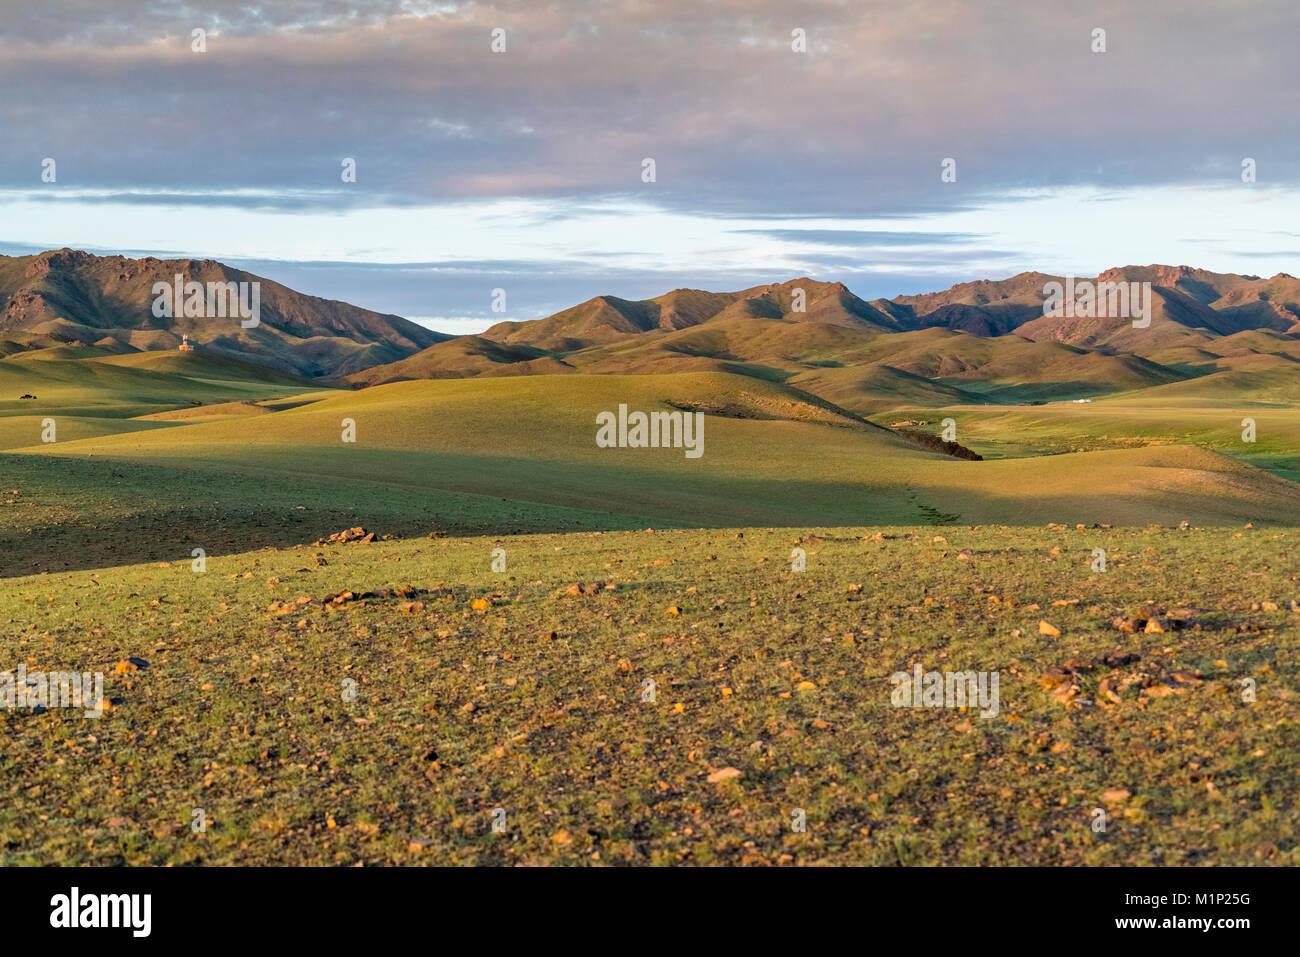 Hügel und Berge, Bayandalai Bezirk, Provinz im Süden der Wüste Gobi, Mongolei, Zentralasien, Asien Stockbild